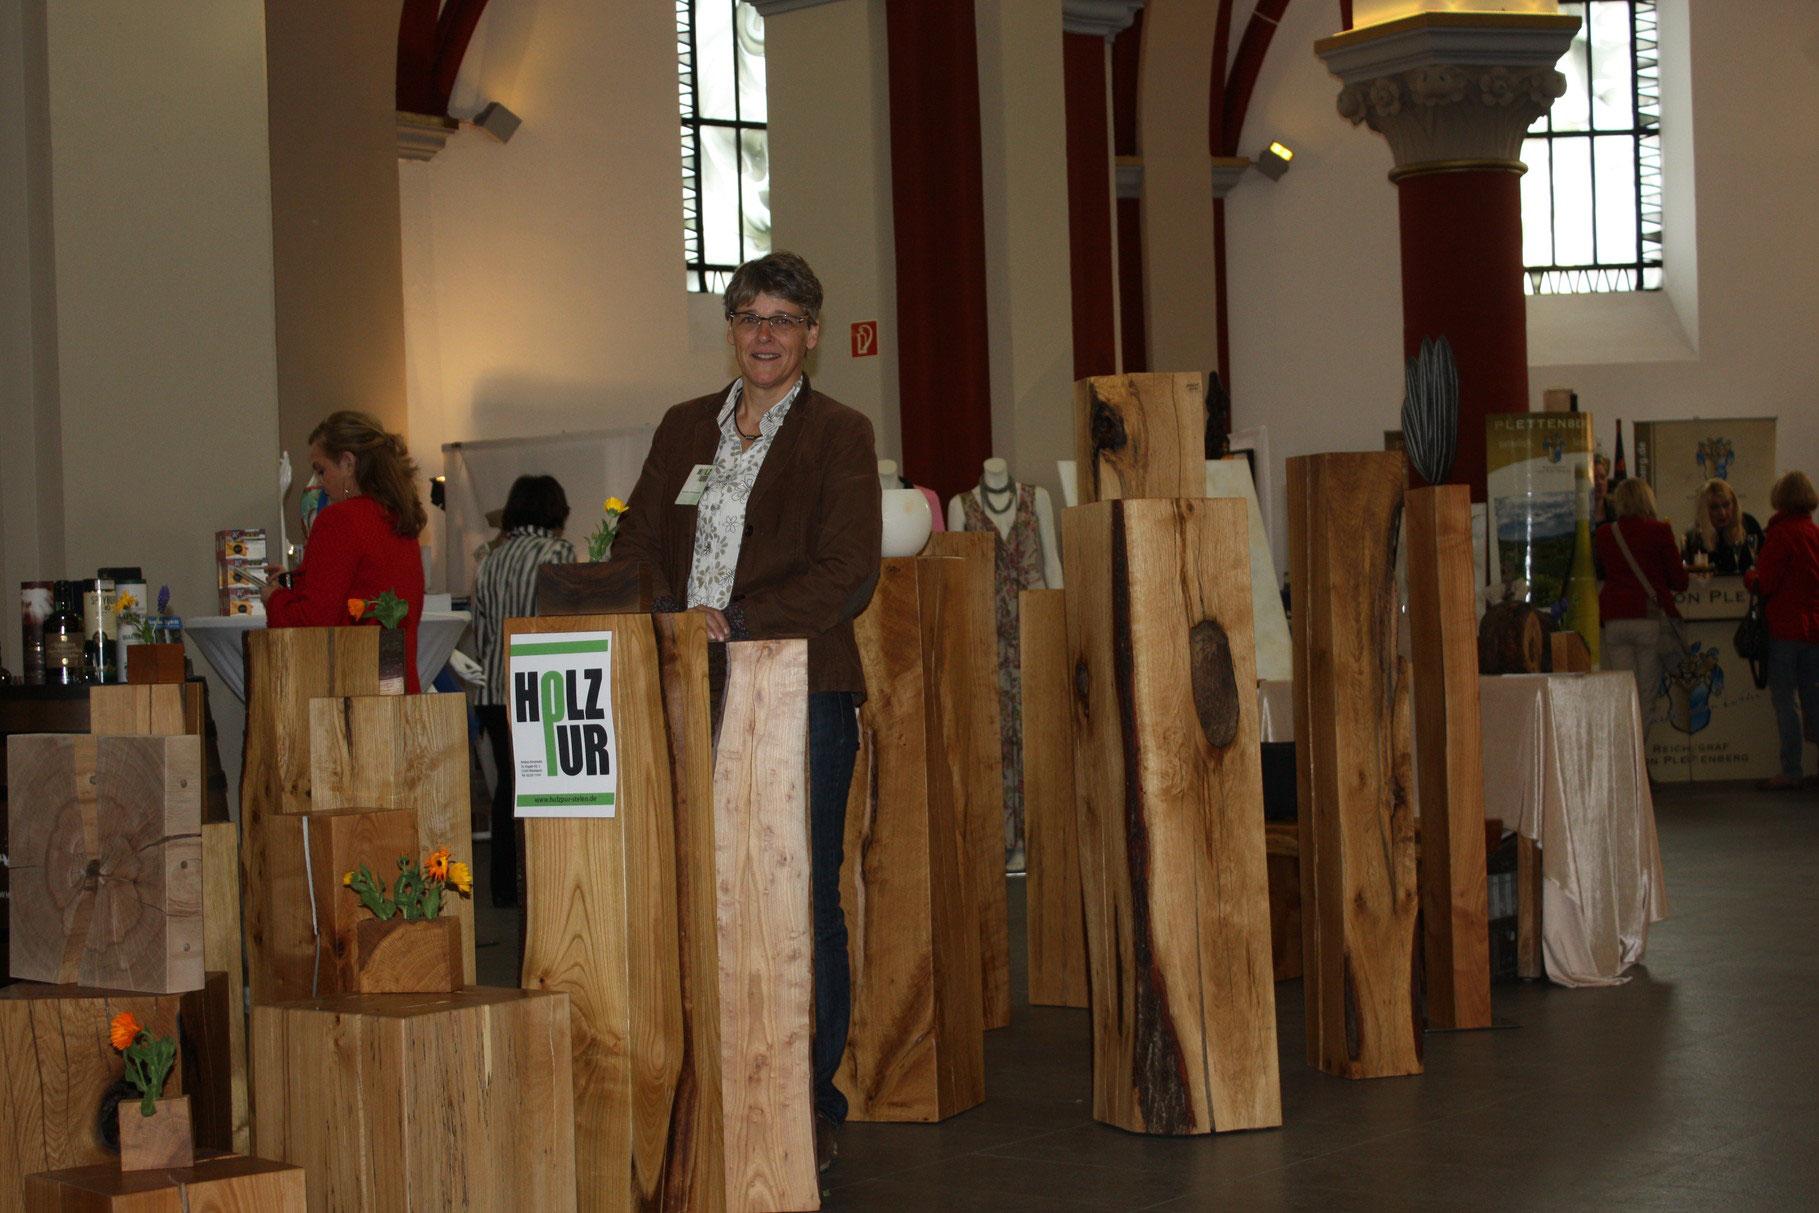 Fotogalerie Holzpur Stelen De Holzstelen Als Wohnidee